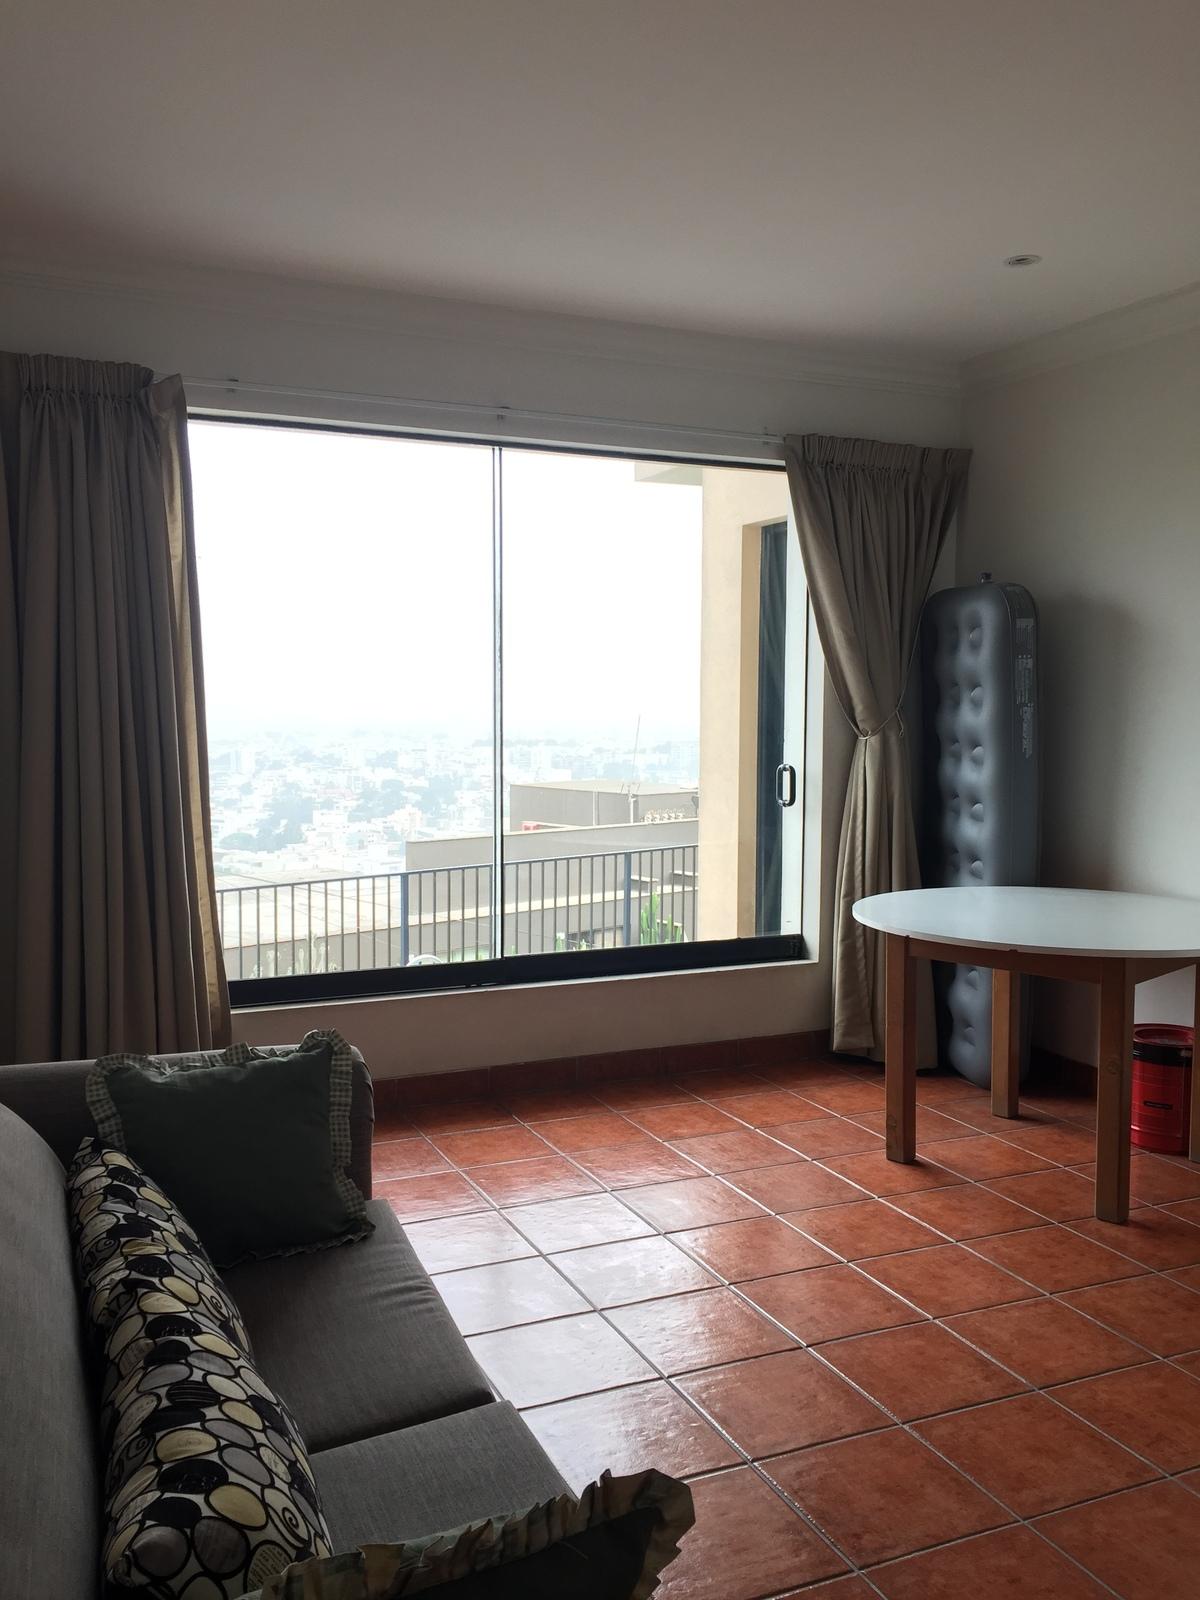 18 de 21: Dormitorio secundario con vista a la terraza